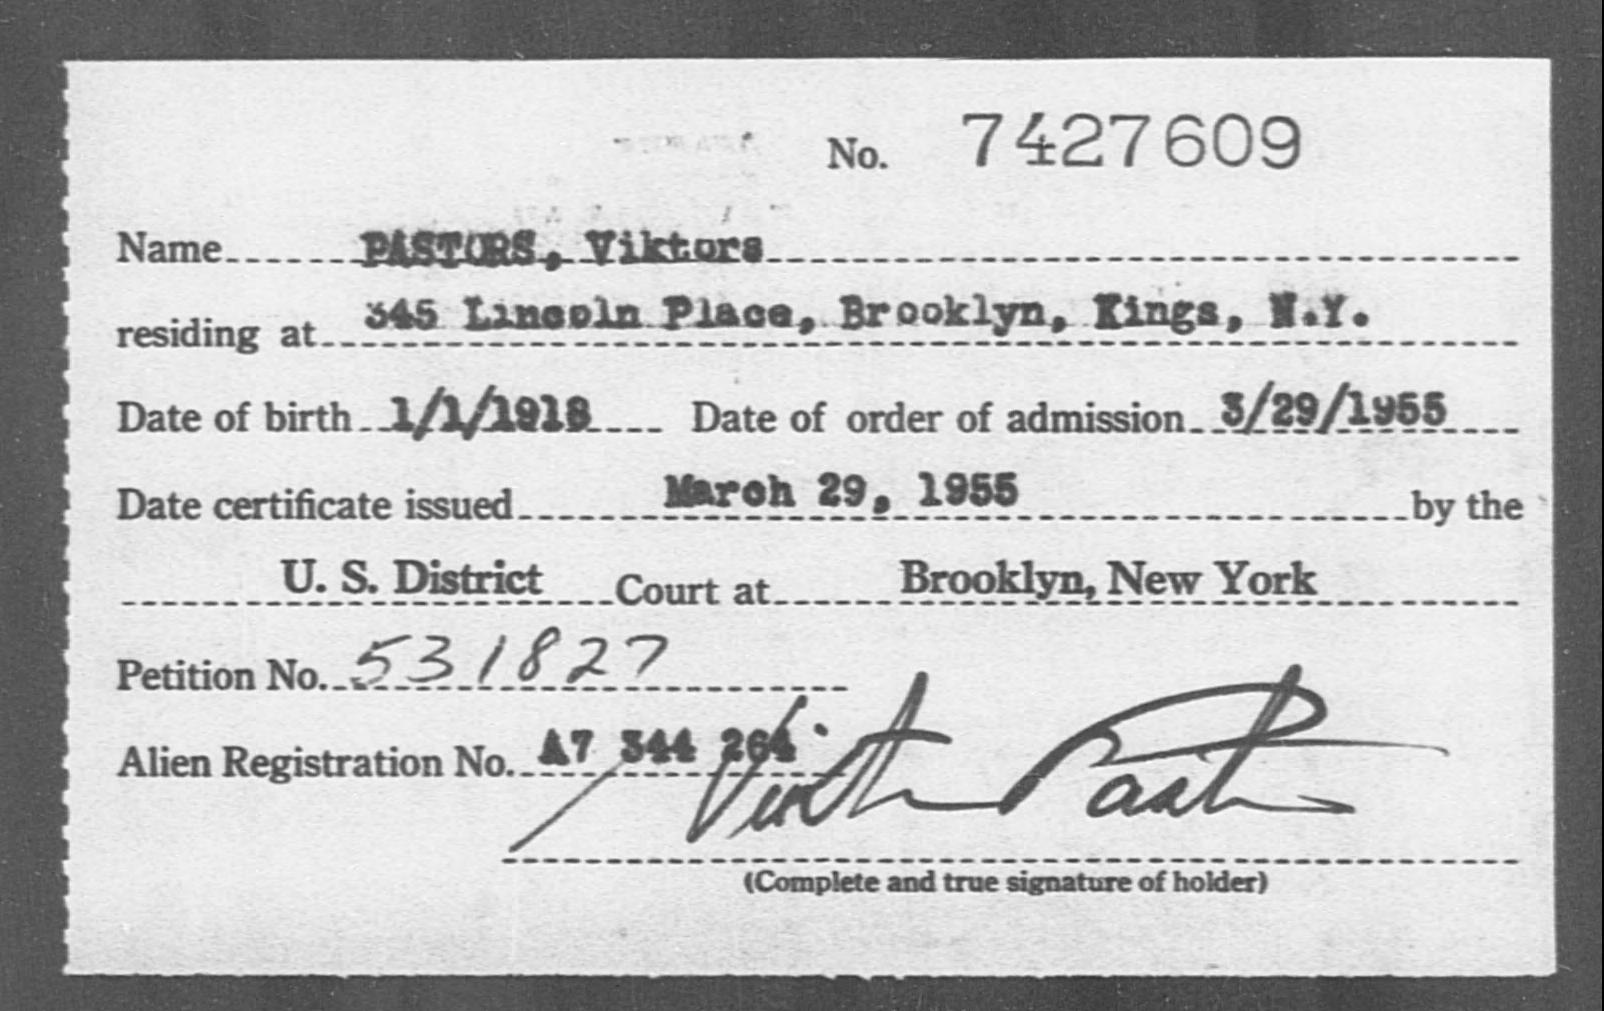 PASTORS, Viktors - Born: 1918, Naturalized: 1955